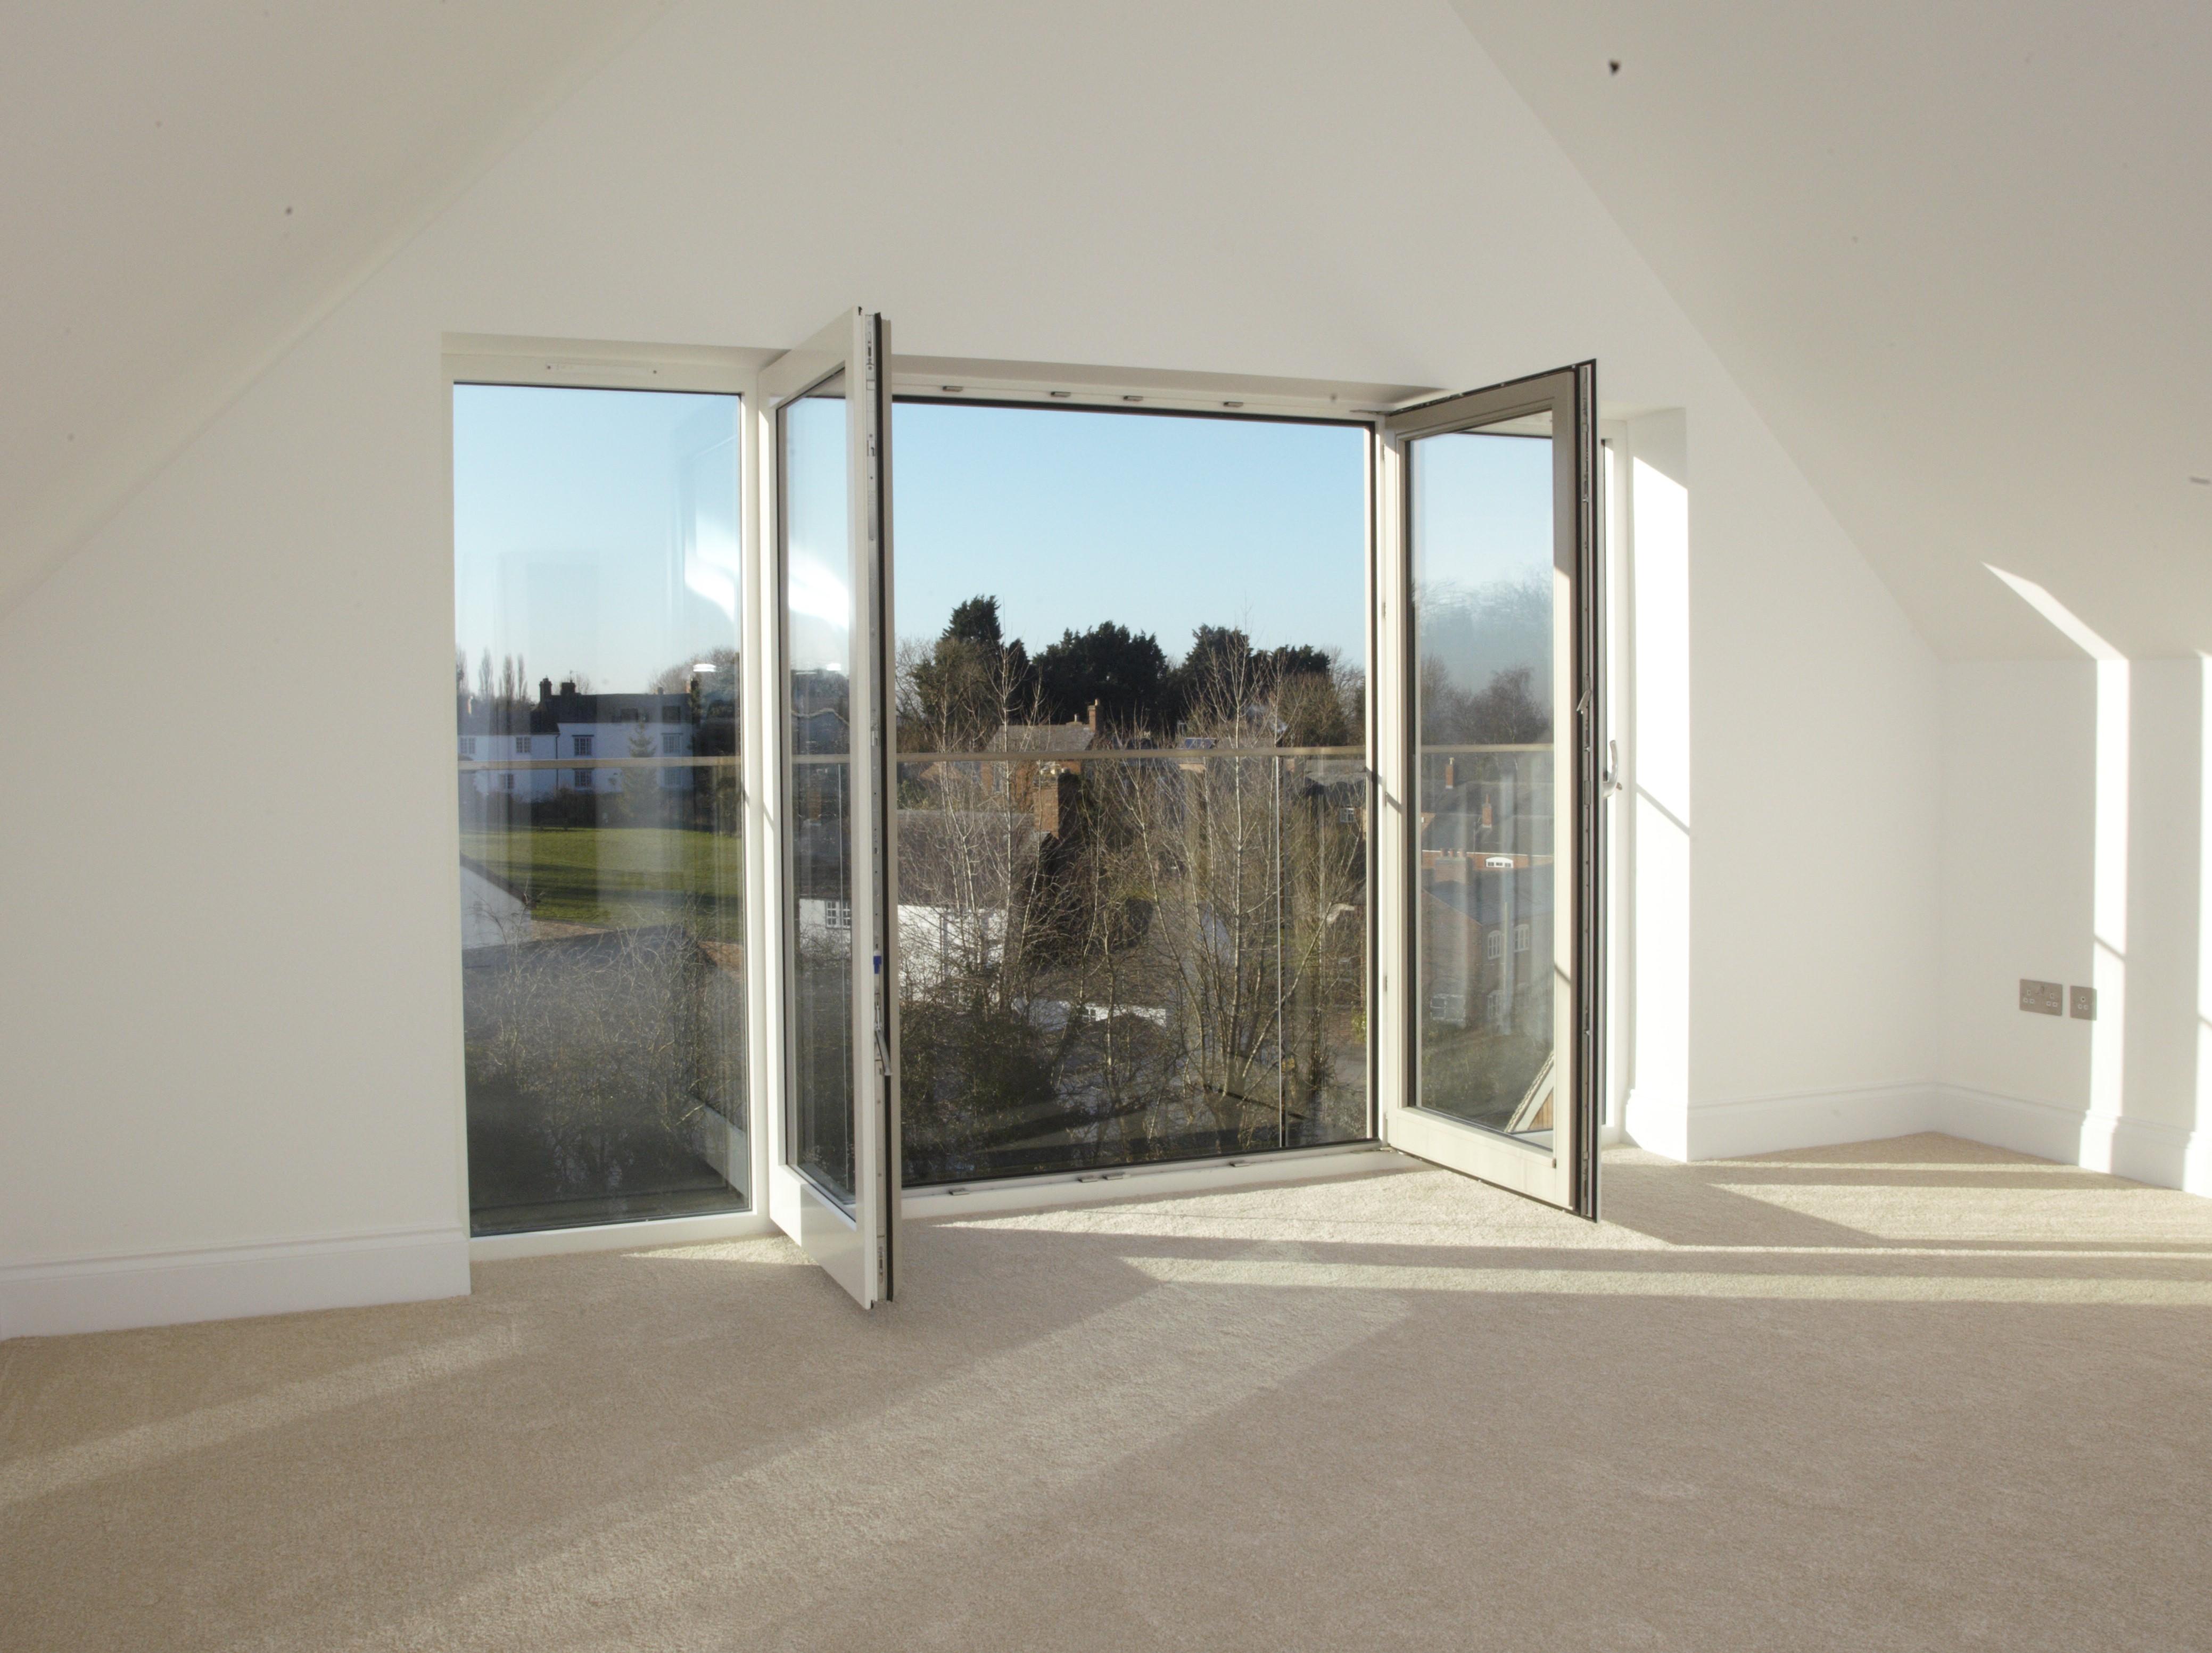 Bespoke Joinery Windows and Doors Leicestershire & Bespoke Joinery: Windows Doors Bifold \u0026 Curved Folding Doors ...